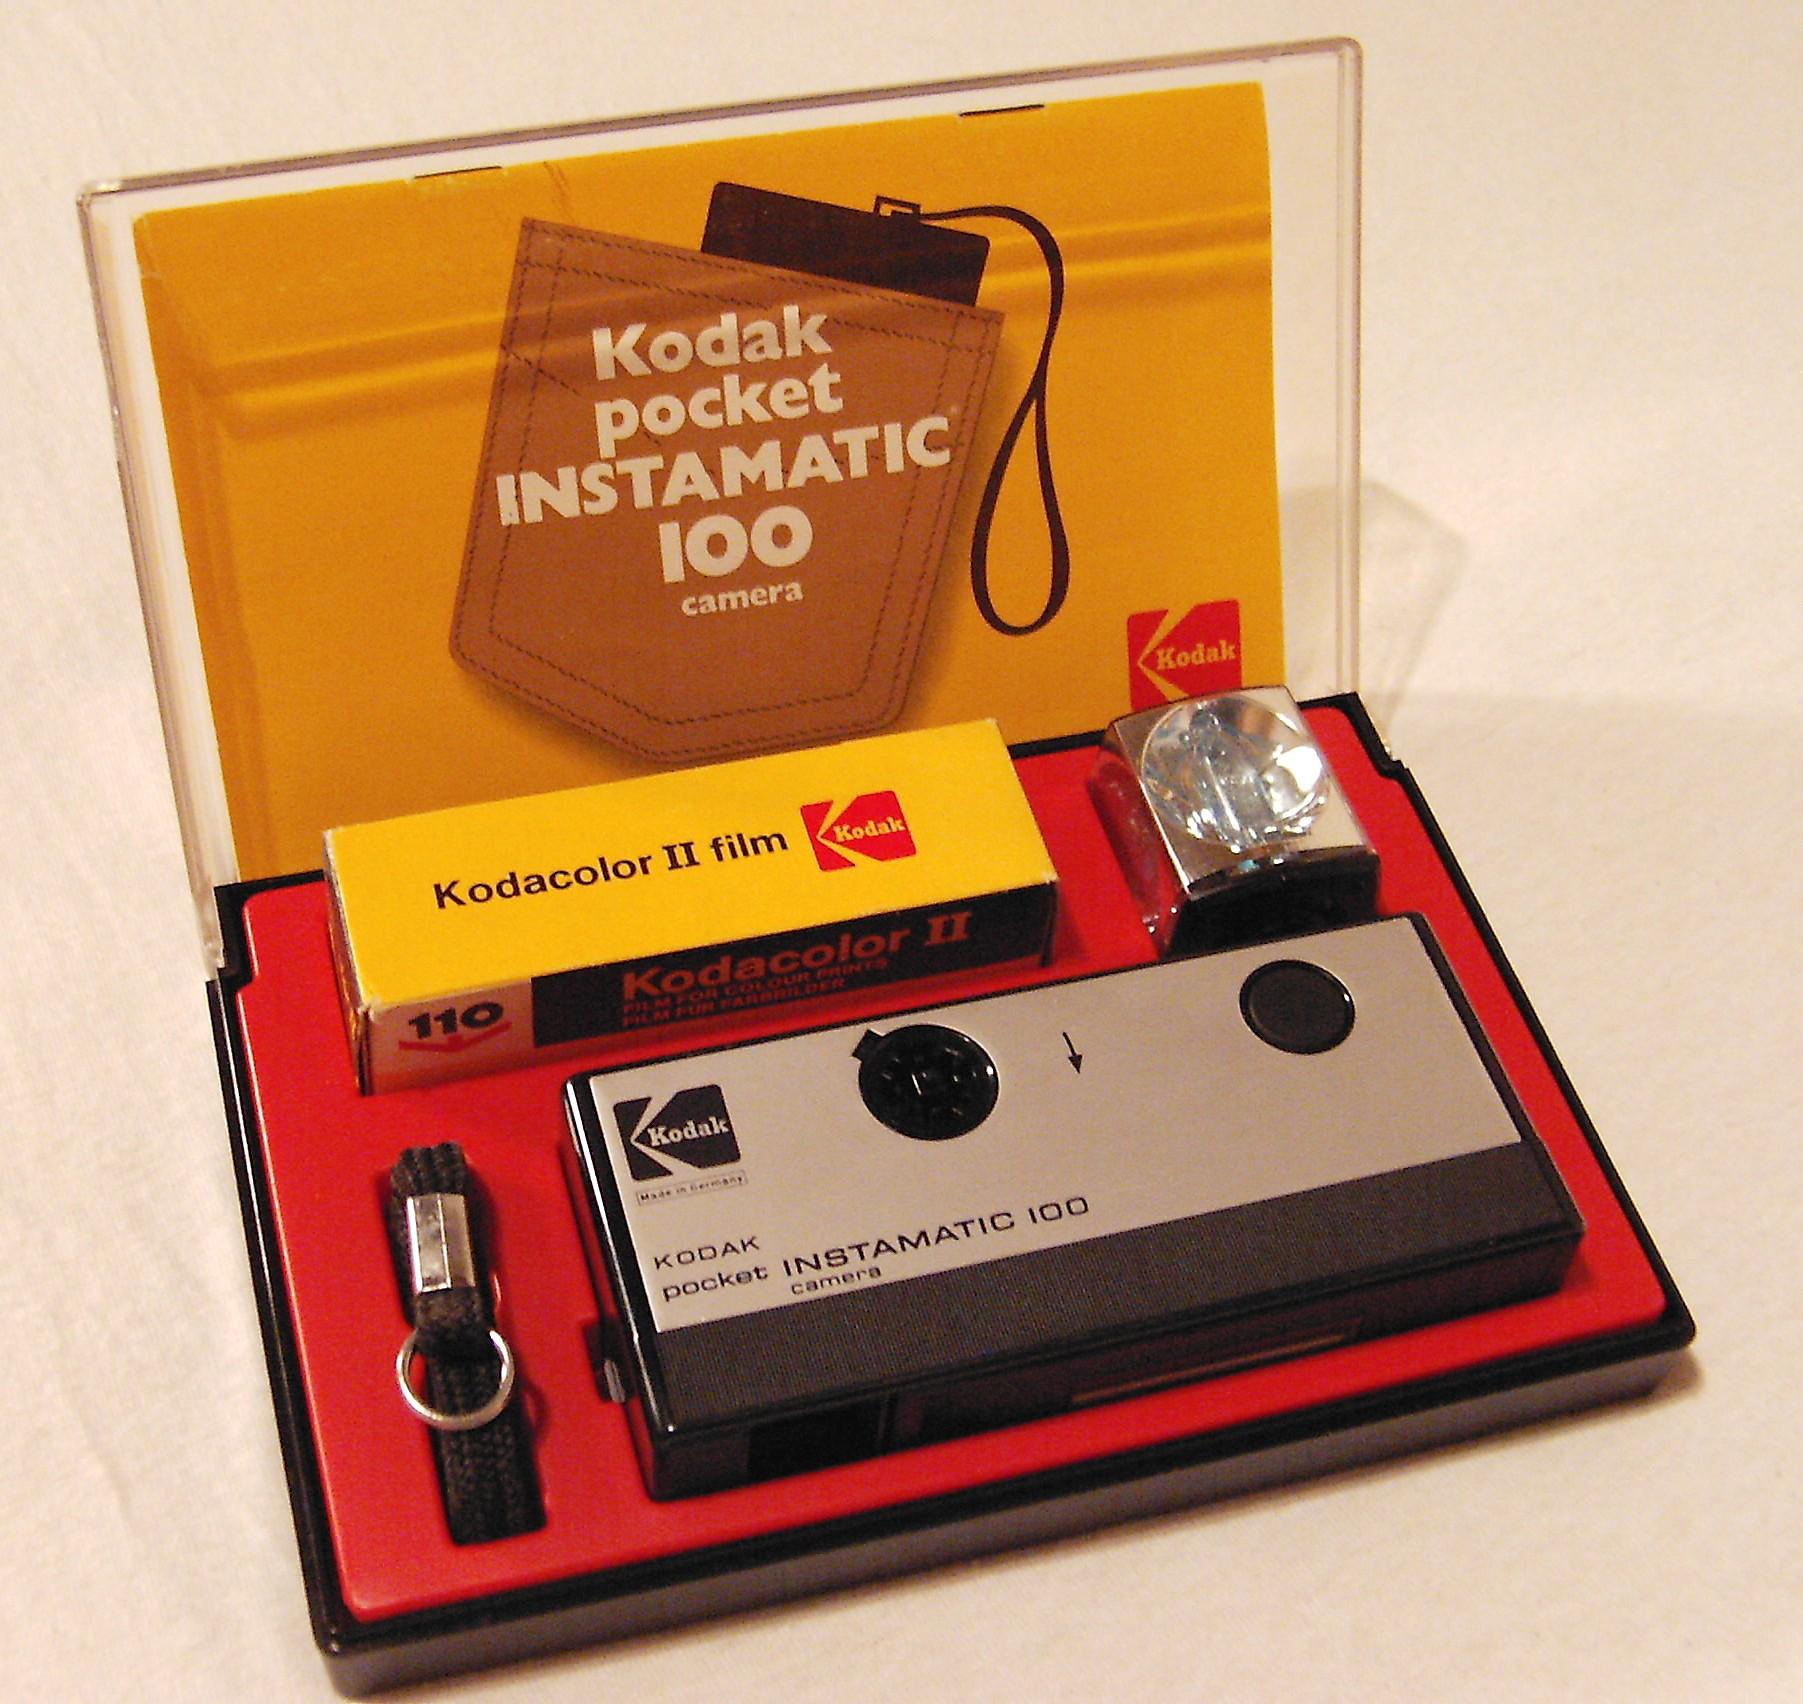 Kodak_pocket_instamatic_100_(1972)-1.jpg